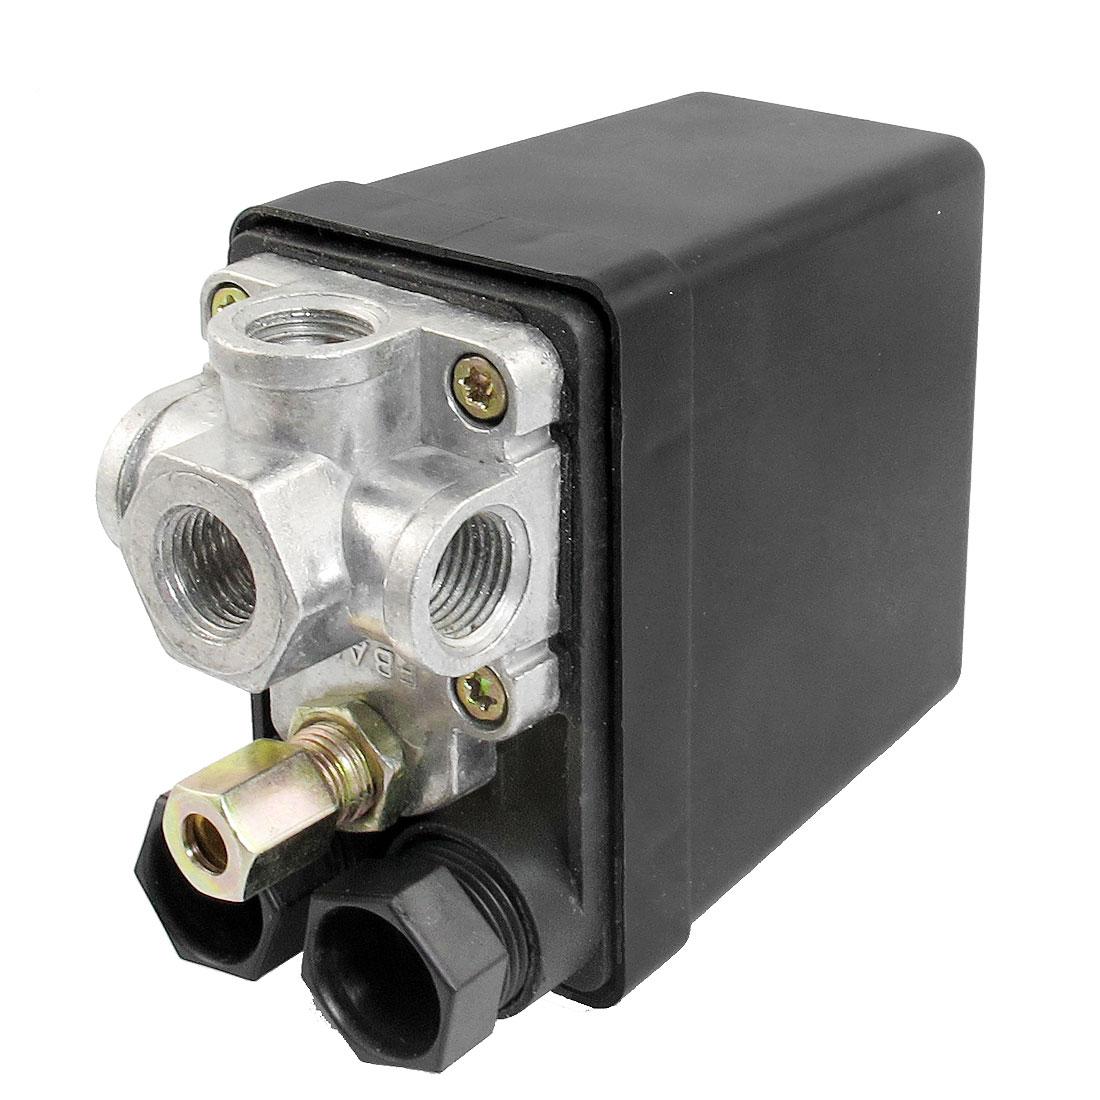 AC 240V 15A 175PSI 12 Bar 4 Port Air Compressor Pressure Switch Control Valve